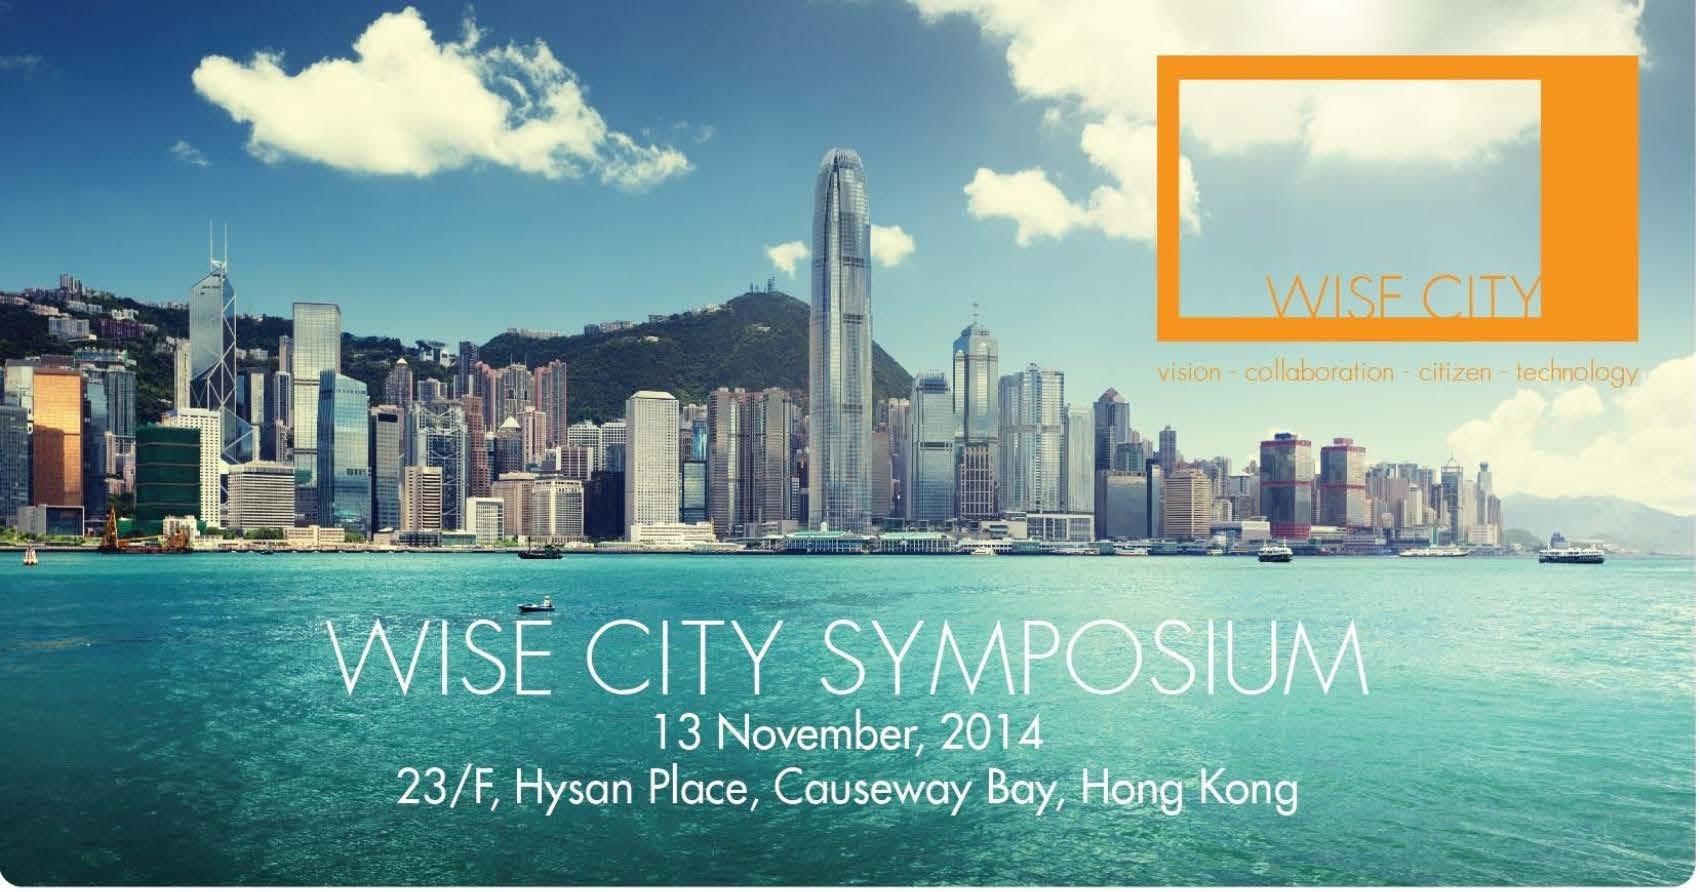 The WiseCity symposium